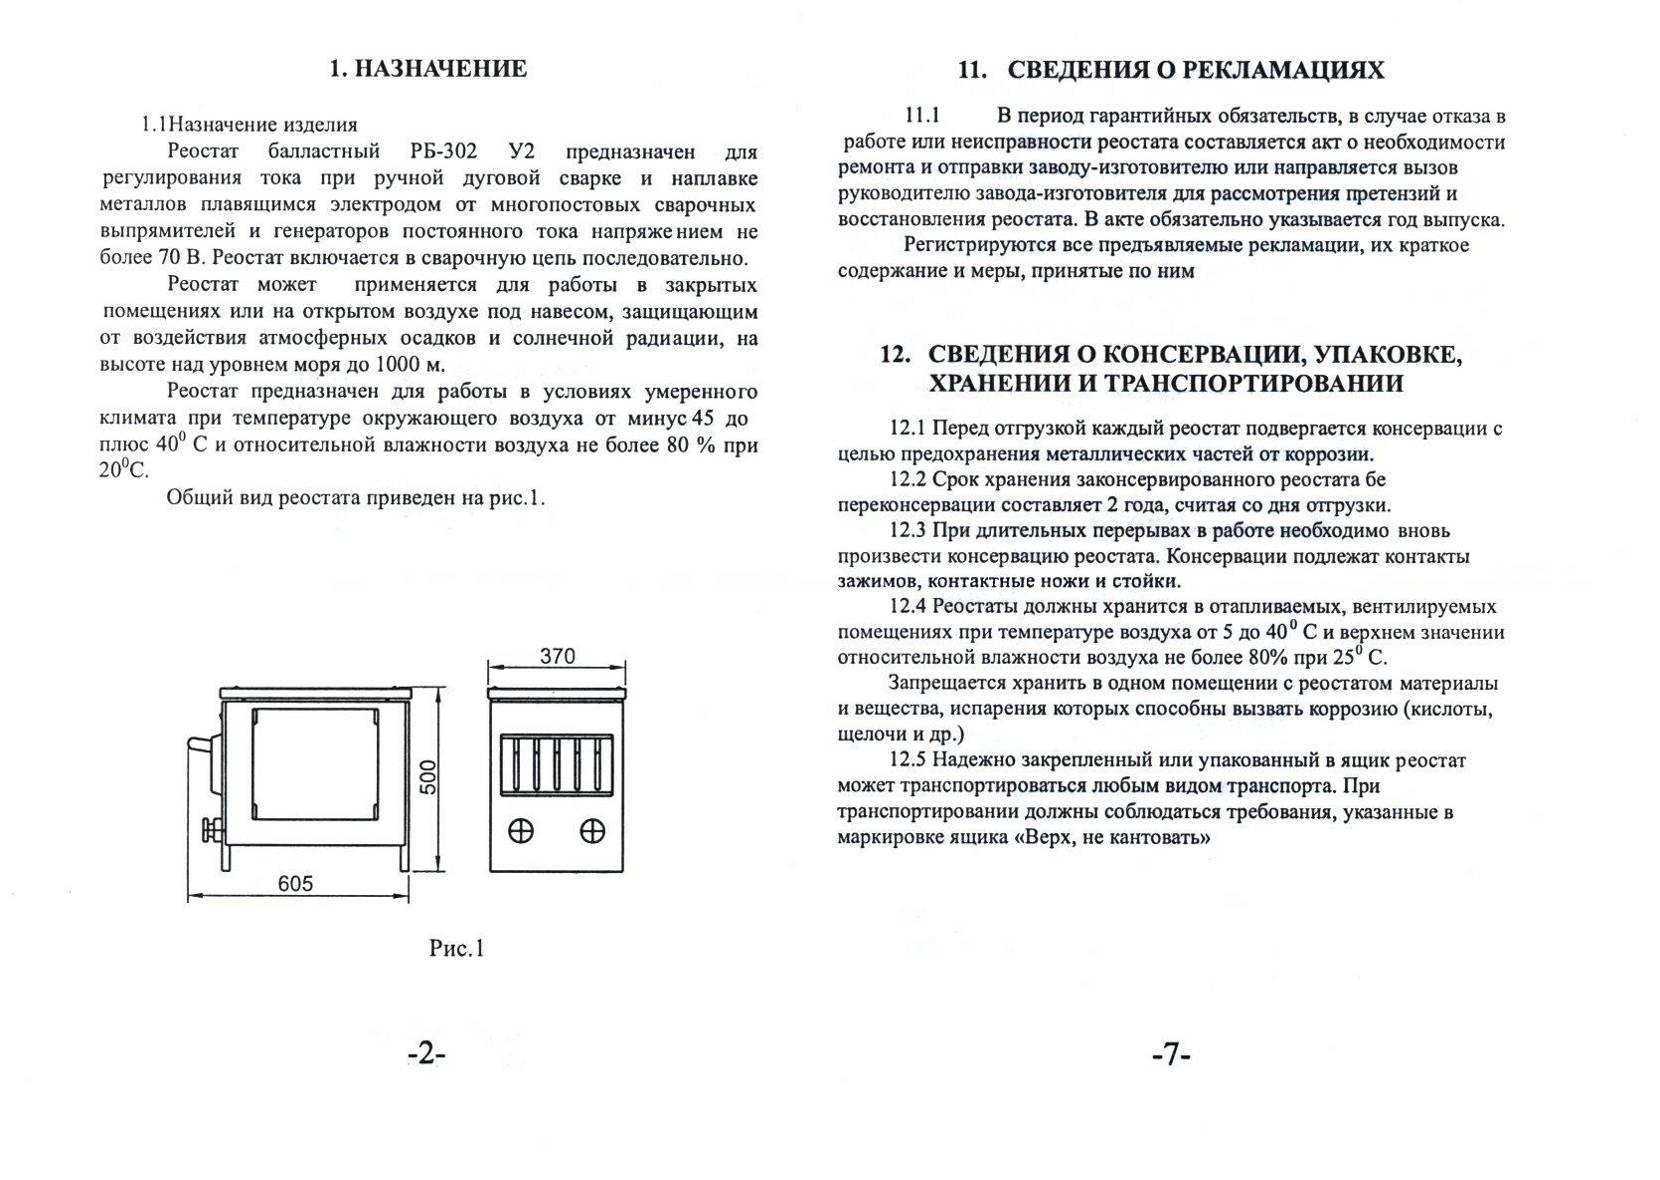 Баластник для сварочного аппарата своими руками: как сделать, схема, монтаж